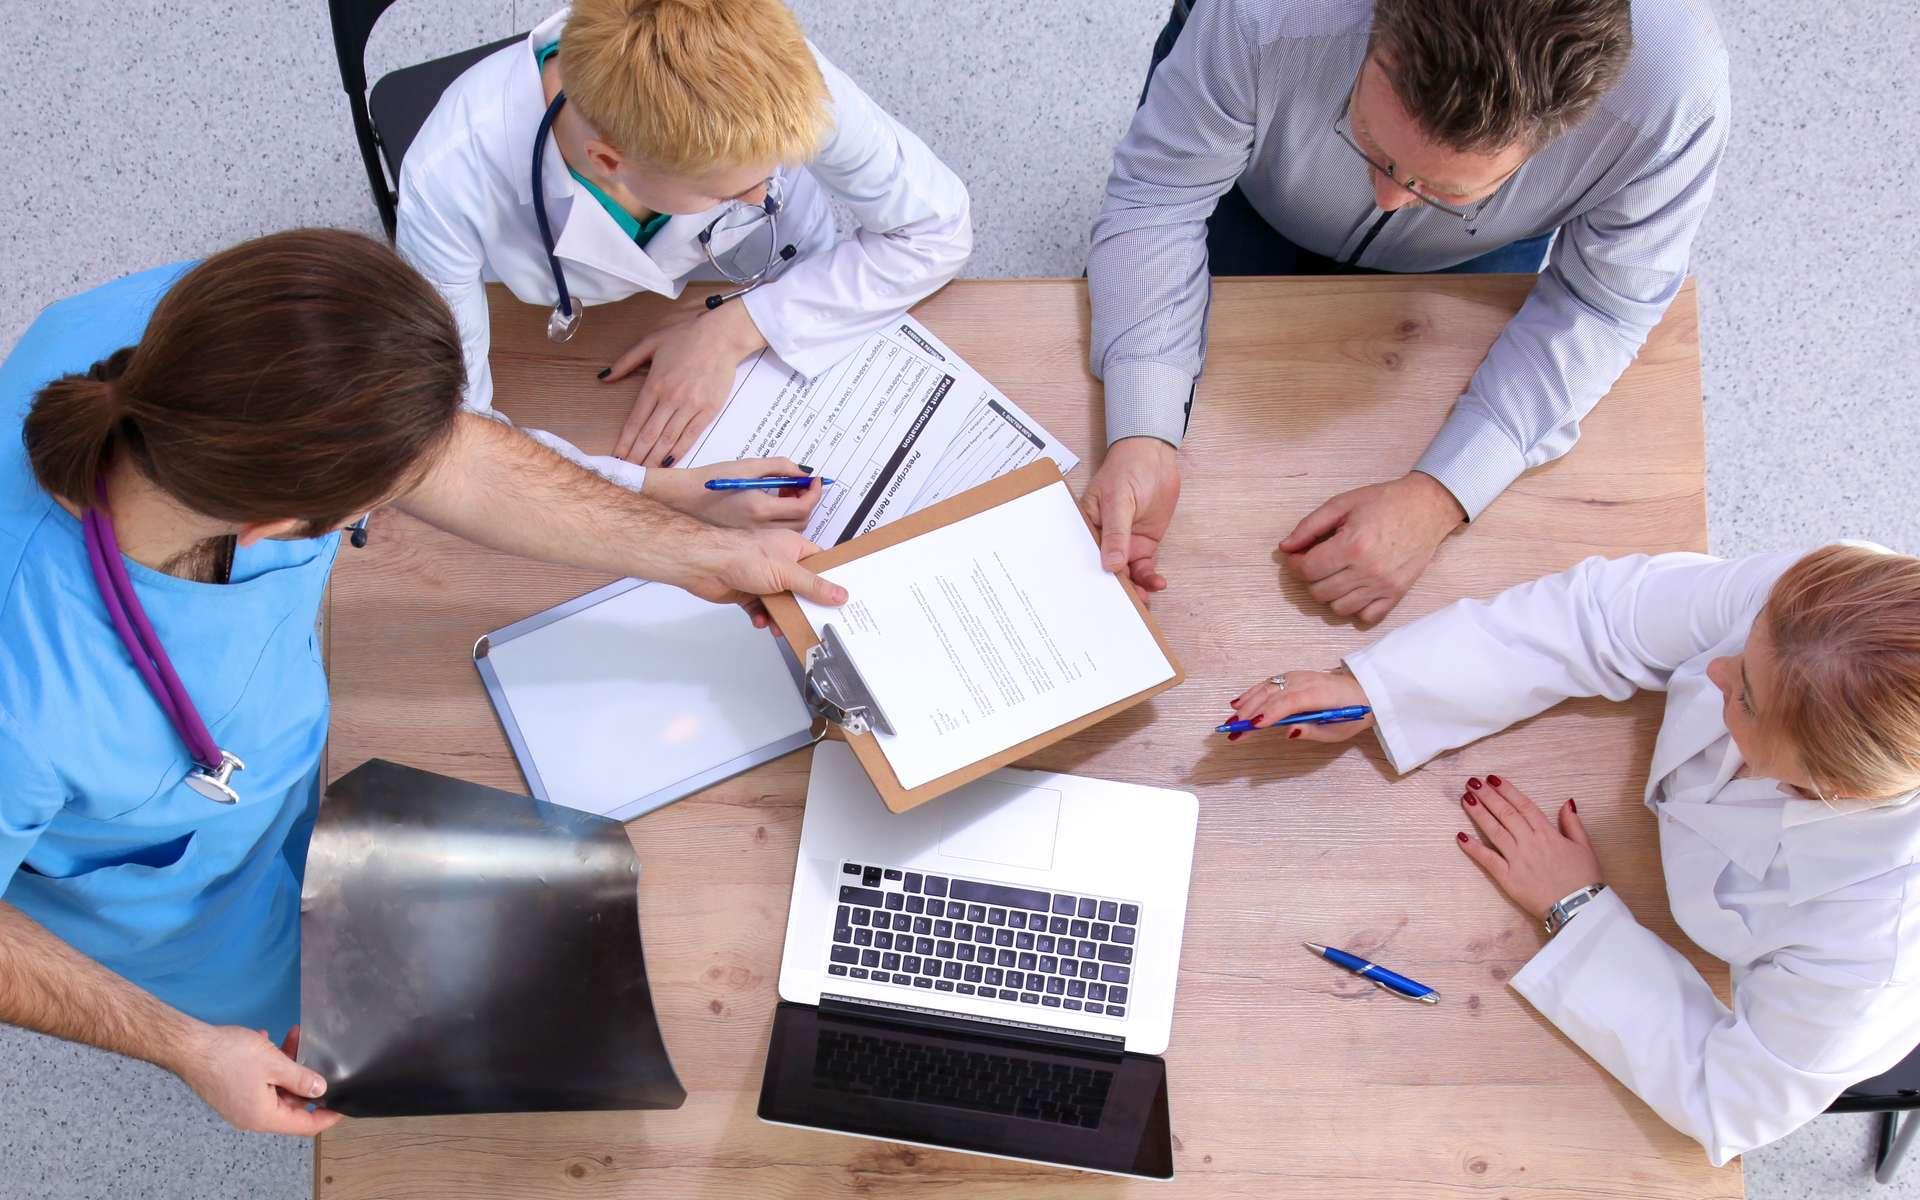 Réunion de concertation pluridisciplinaire autour d'un dossier patient. © Lenetsnicolai, Adobe Stock